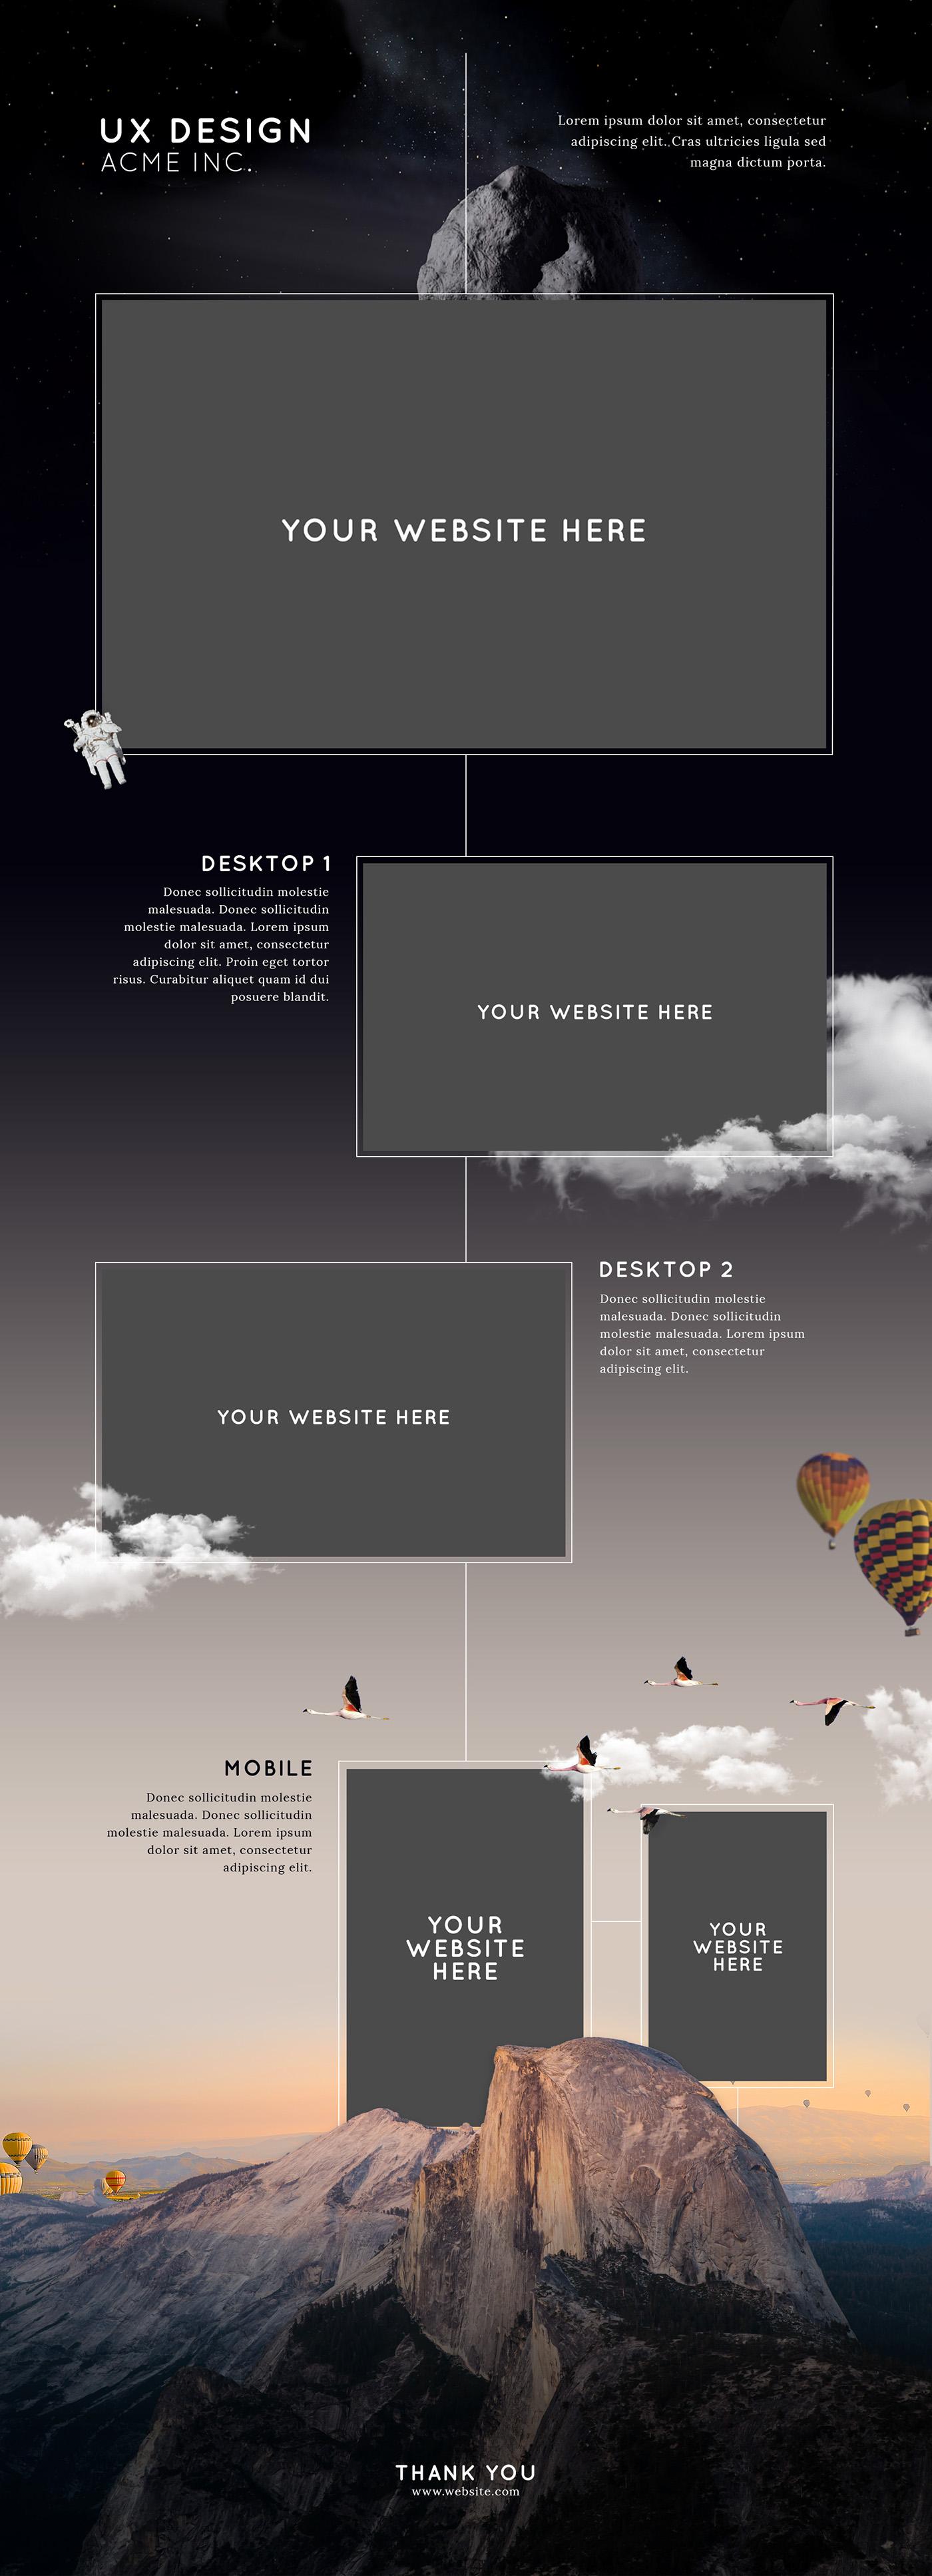 Vertical Website Presentation Mockup - FREE DOWNLOAD on Behance